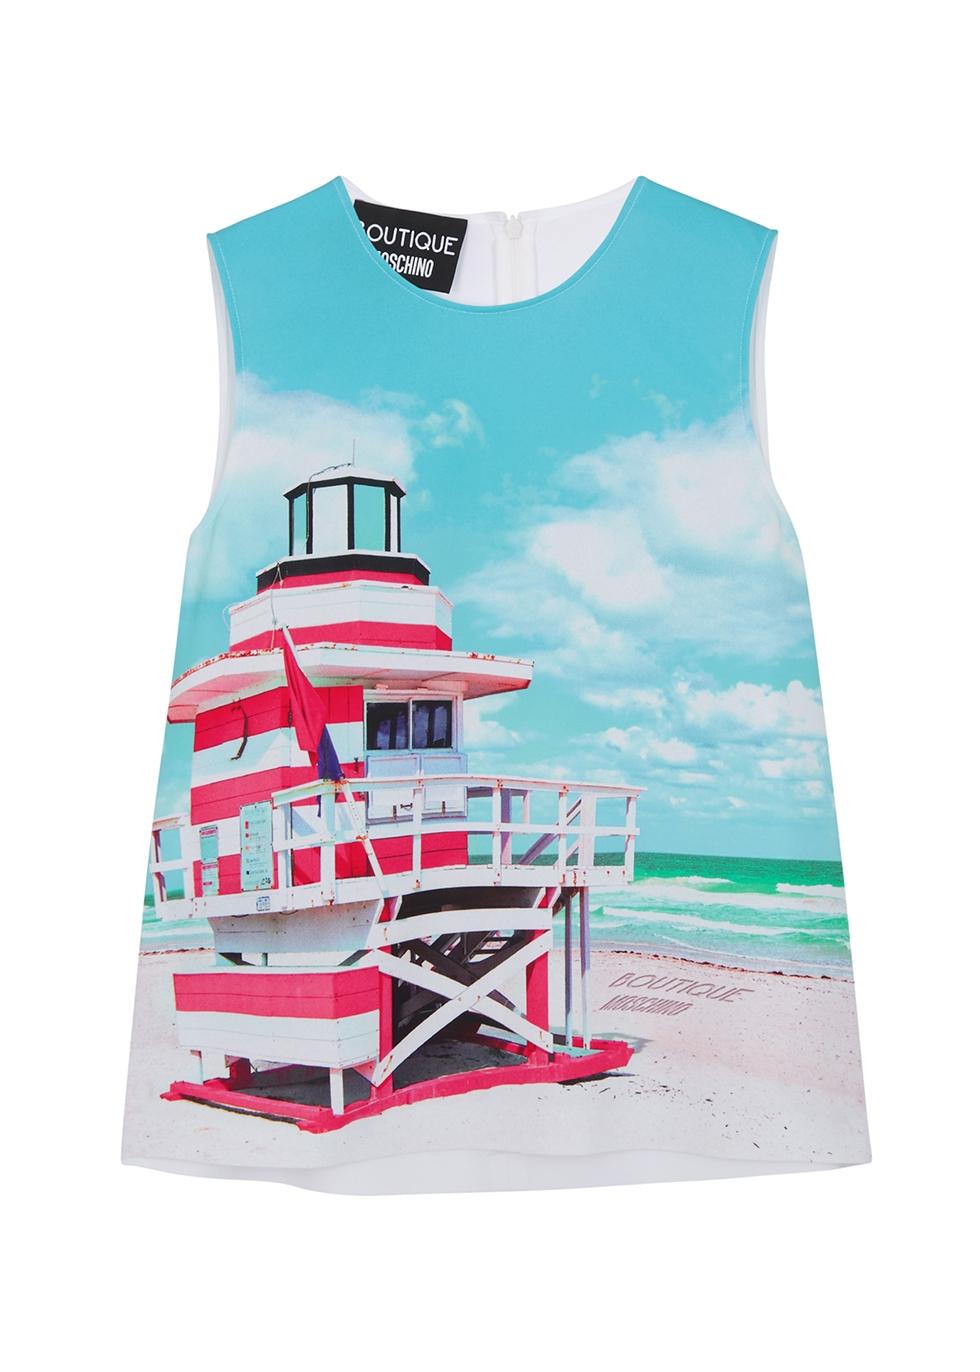 Beach-print top